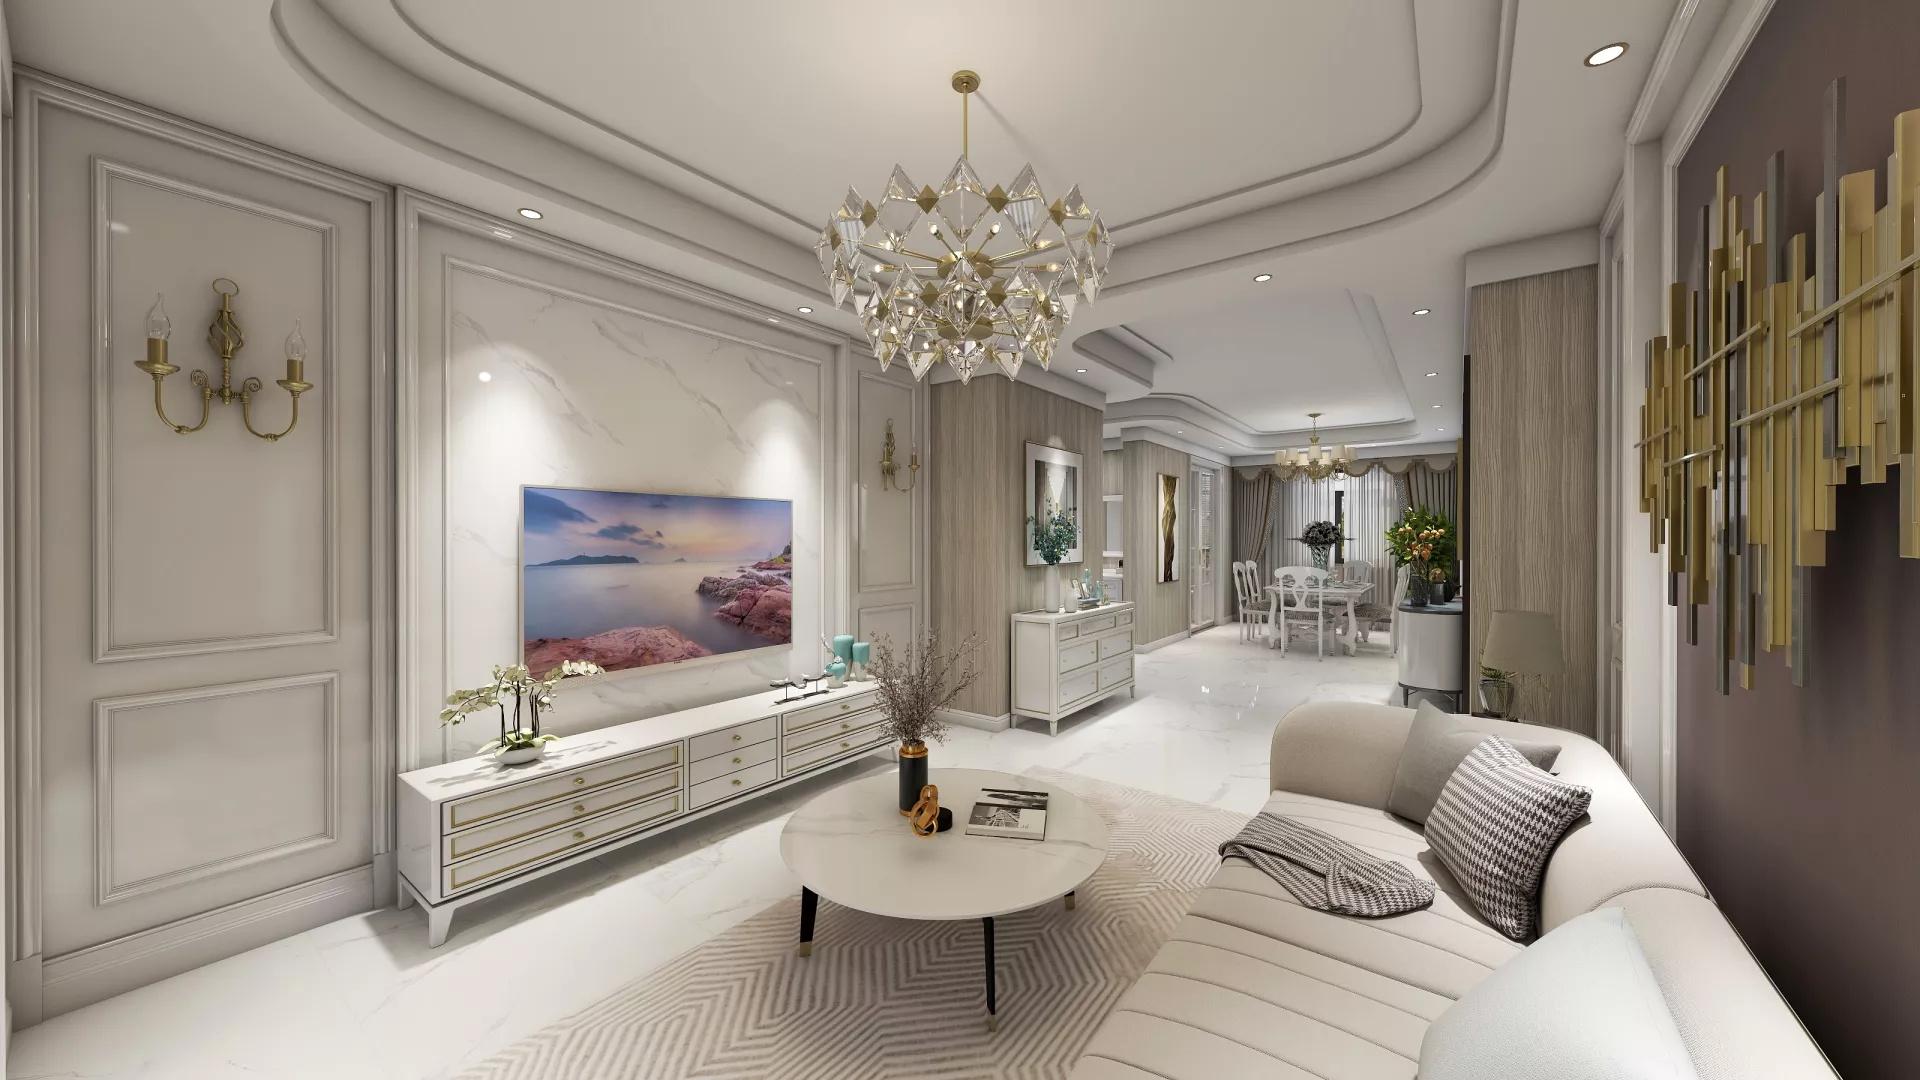 120平米富裕大气型客厅沙发装修效果图